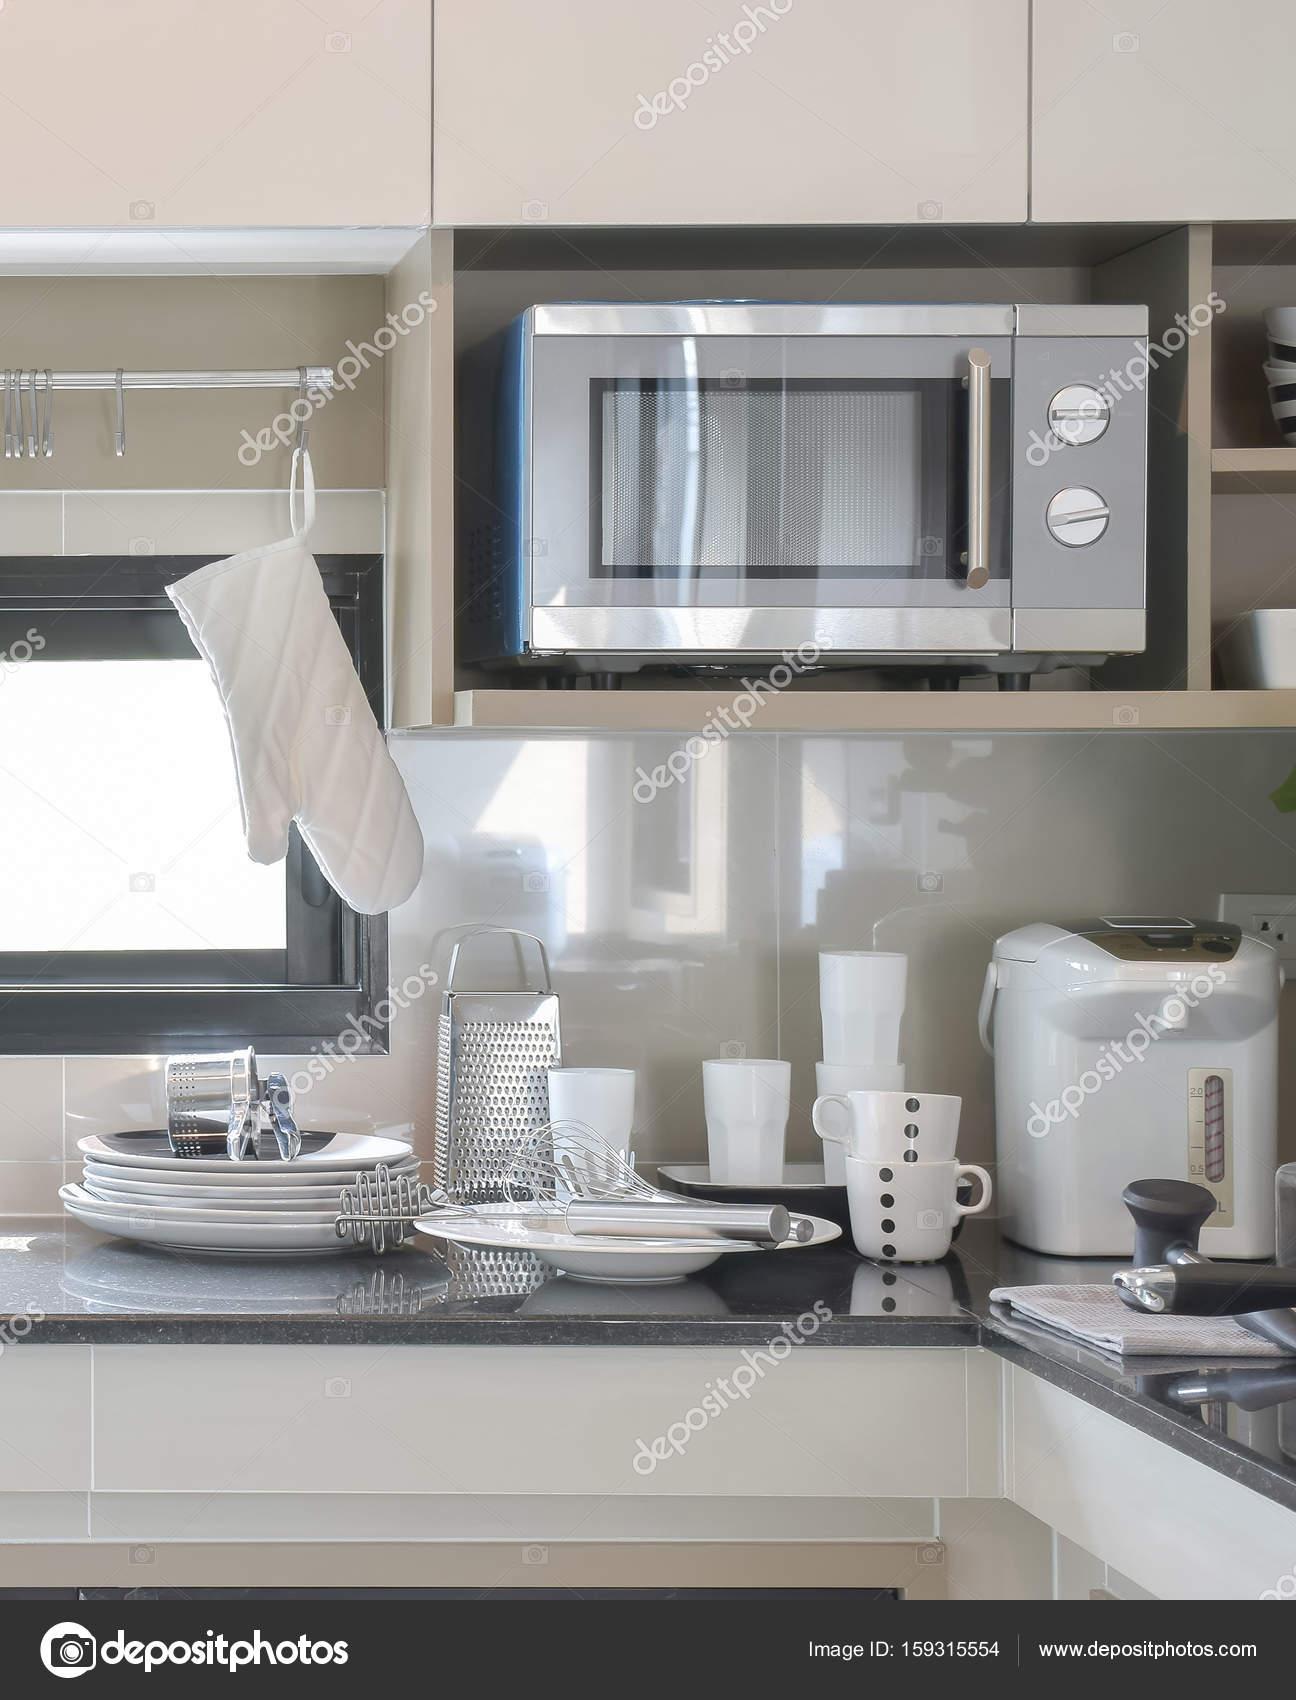 Eitelkeit Küche Einrichten Referenz Von Keramik Geschirr Und Utensilien Neben Waschbecken In